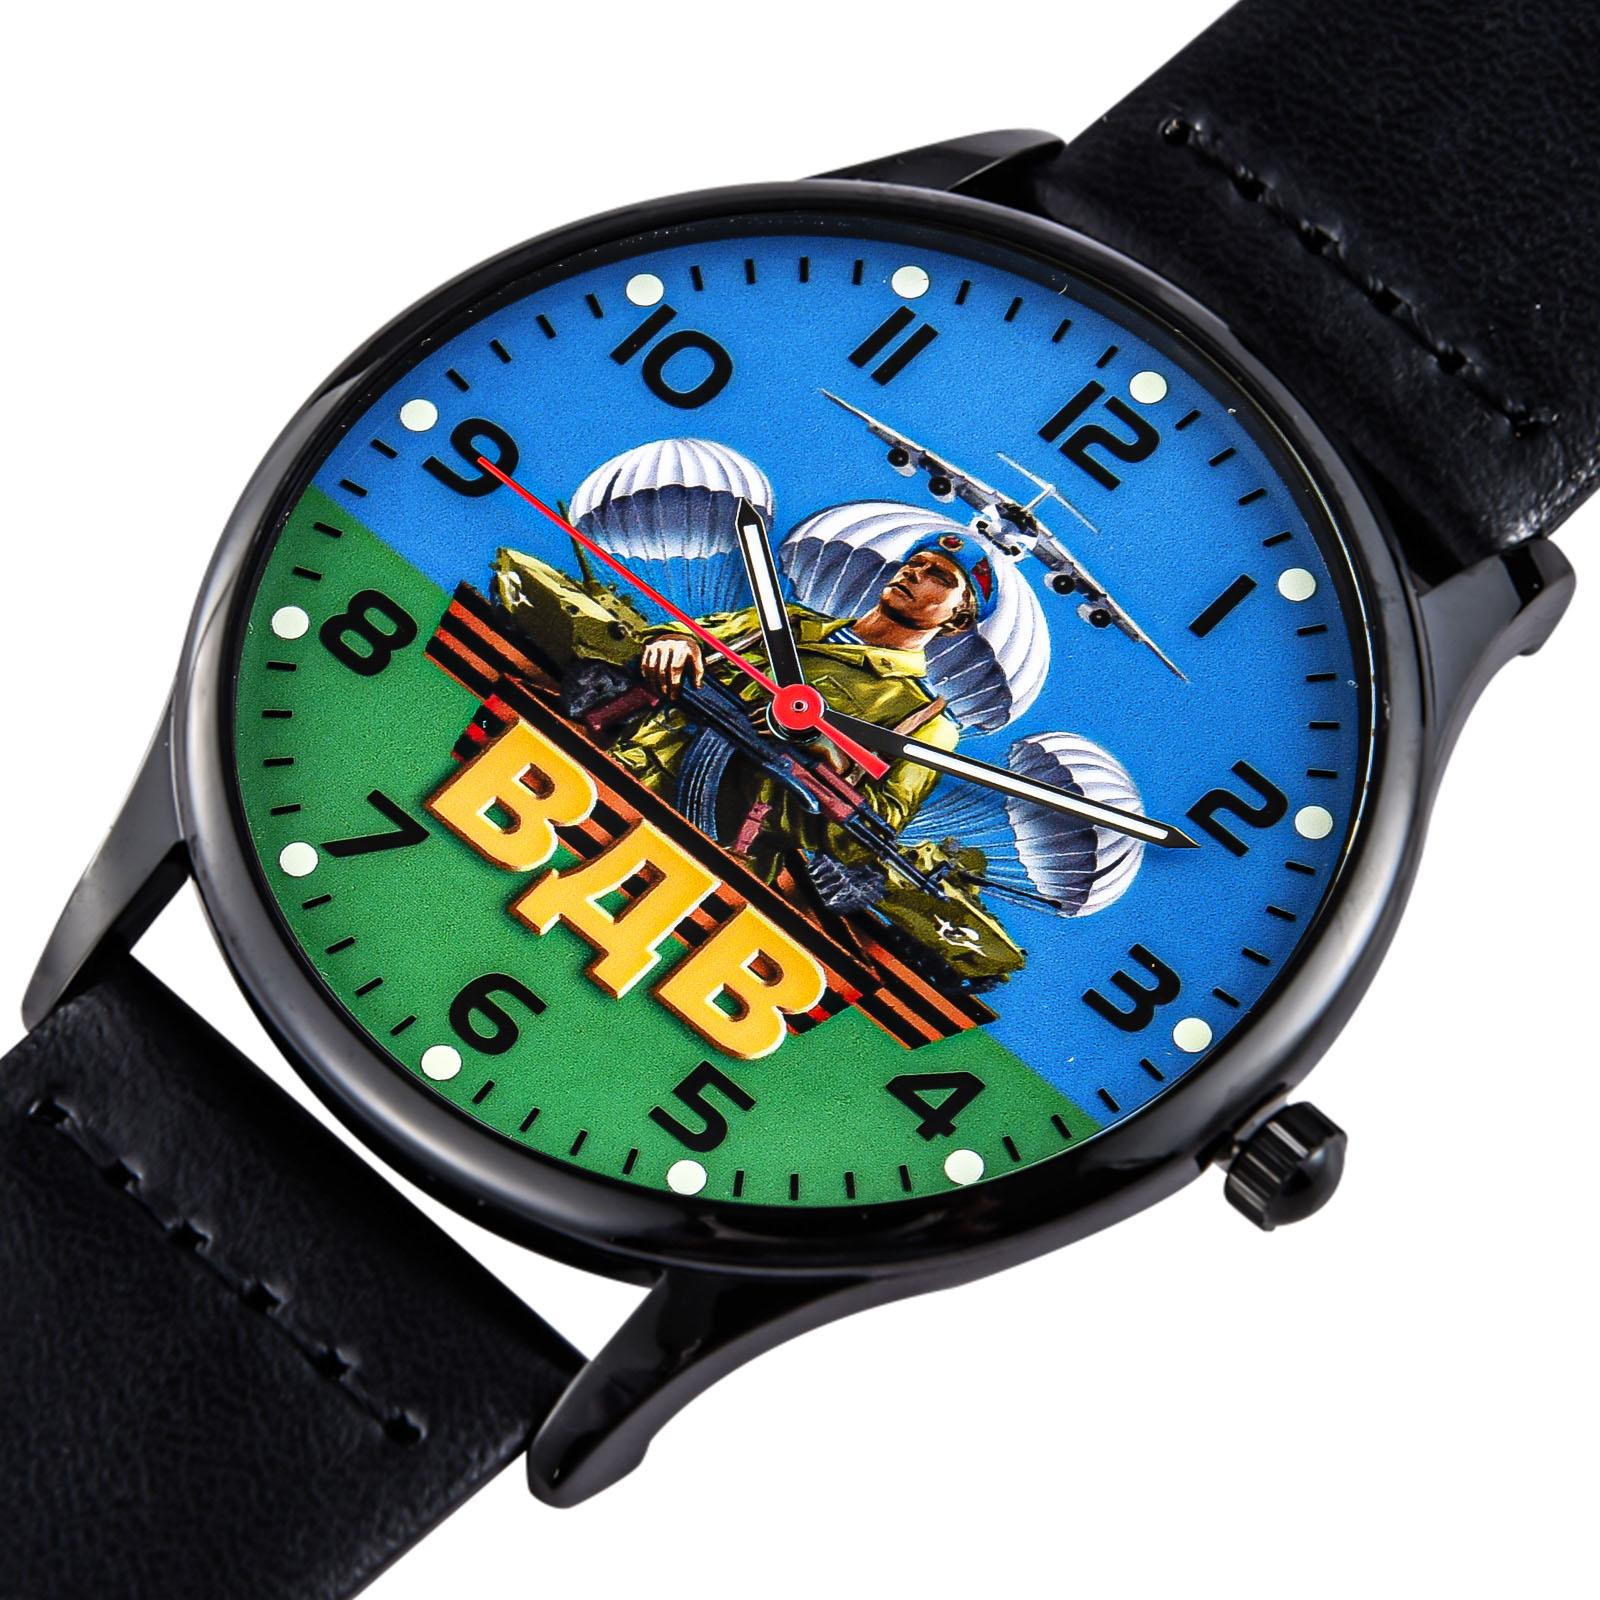 Мужские наручные часы ВДВ с десантным принтом – крутой подарок